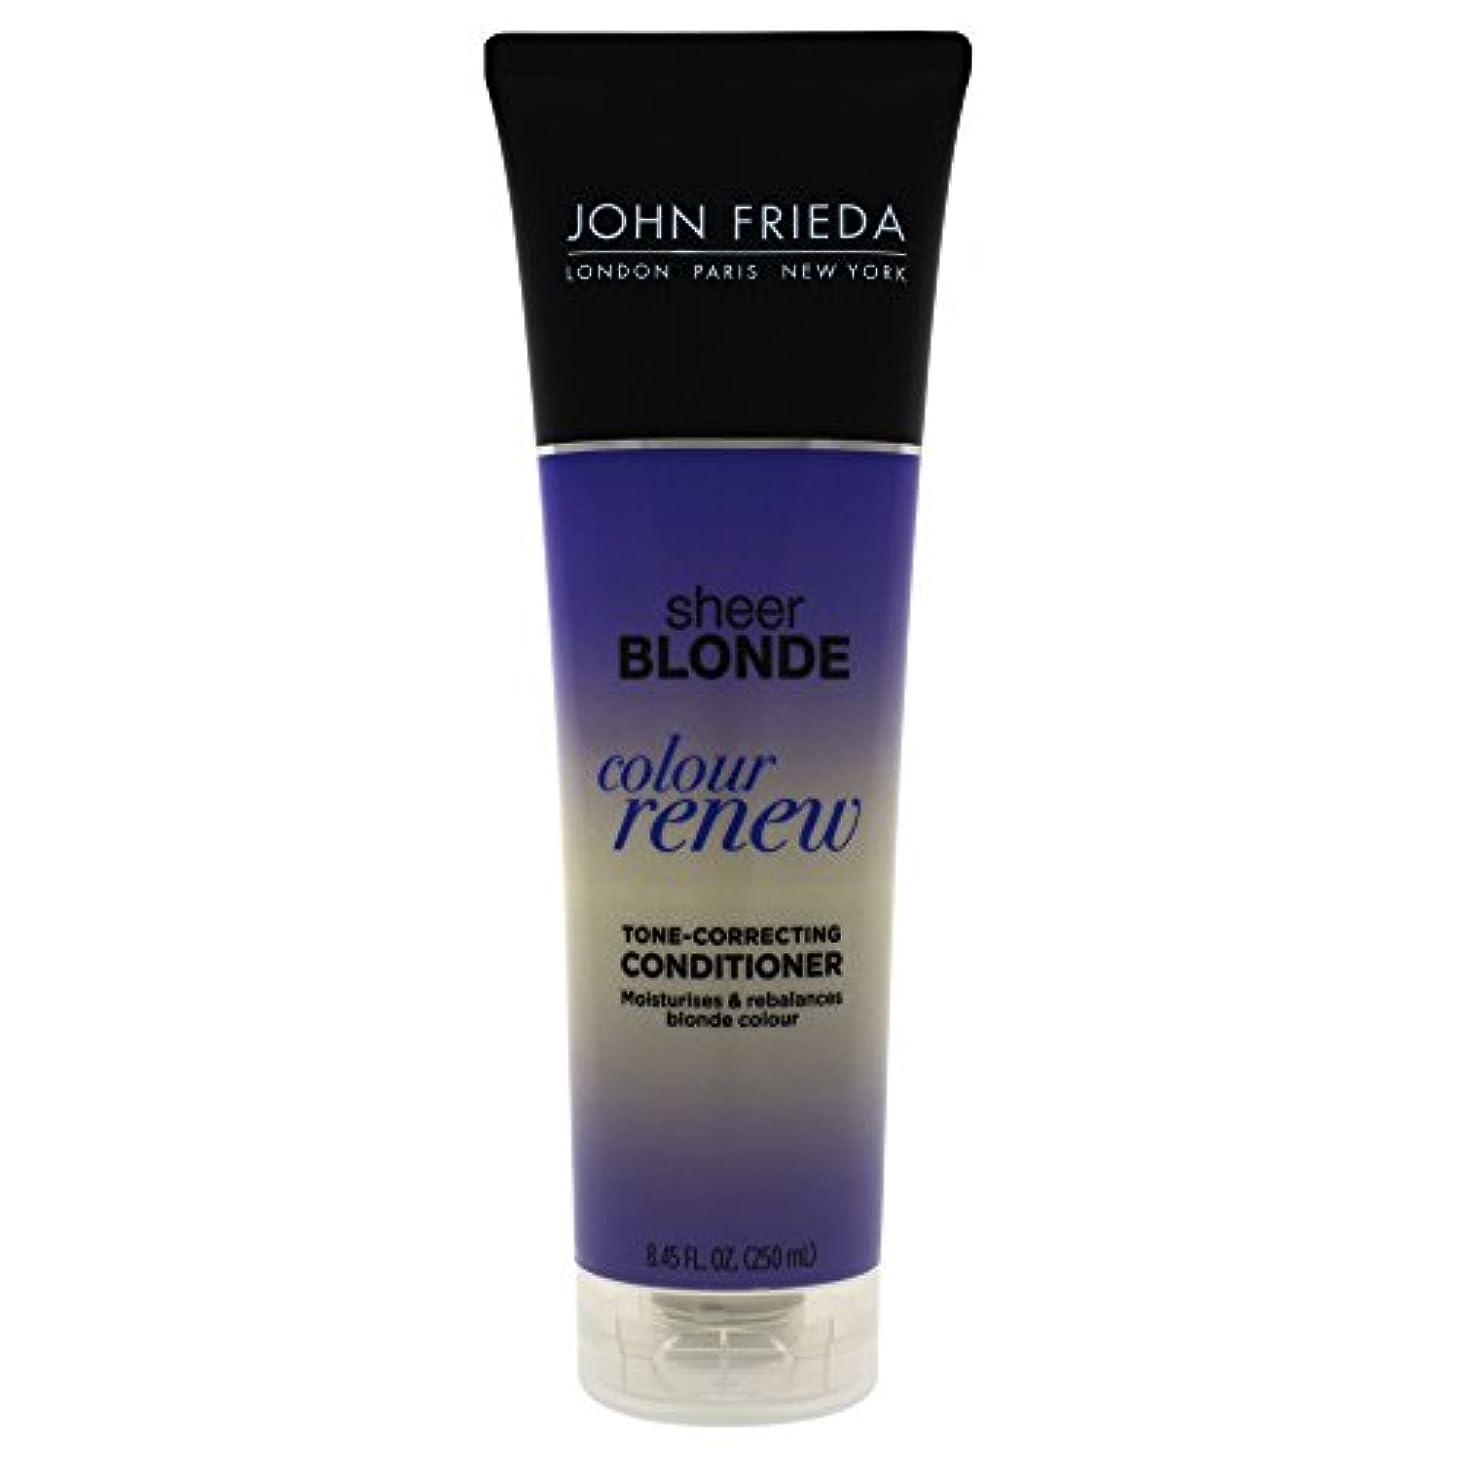 聖人丈夫葉John Frieda Sheer Blonde Color Renew Tone Correcting Conditioner, 8.45 Ounce by John Frieda